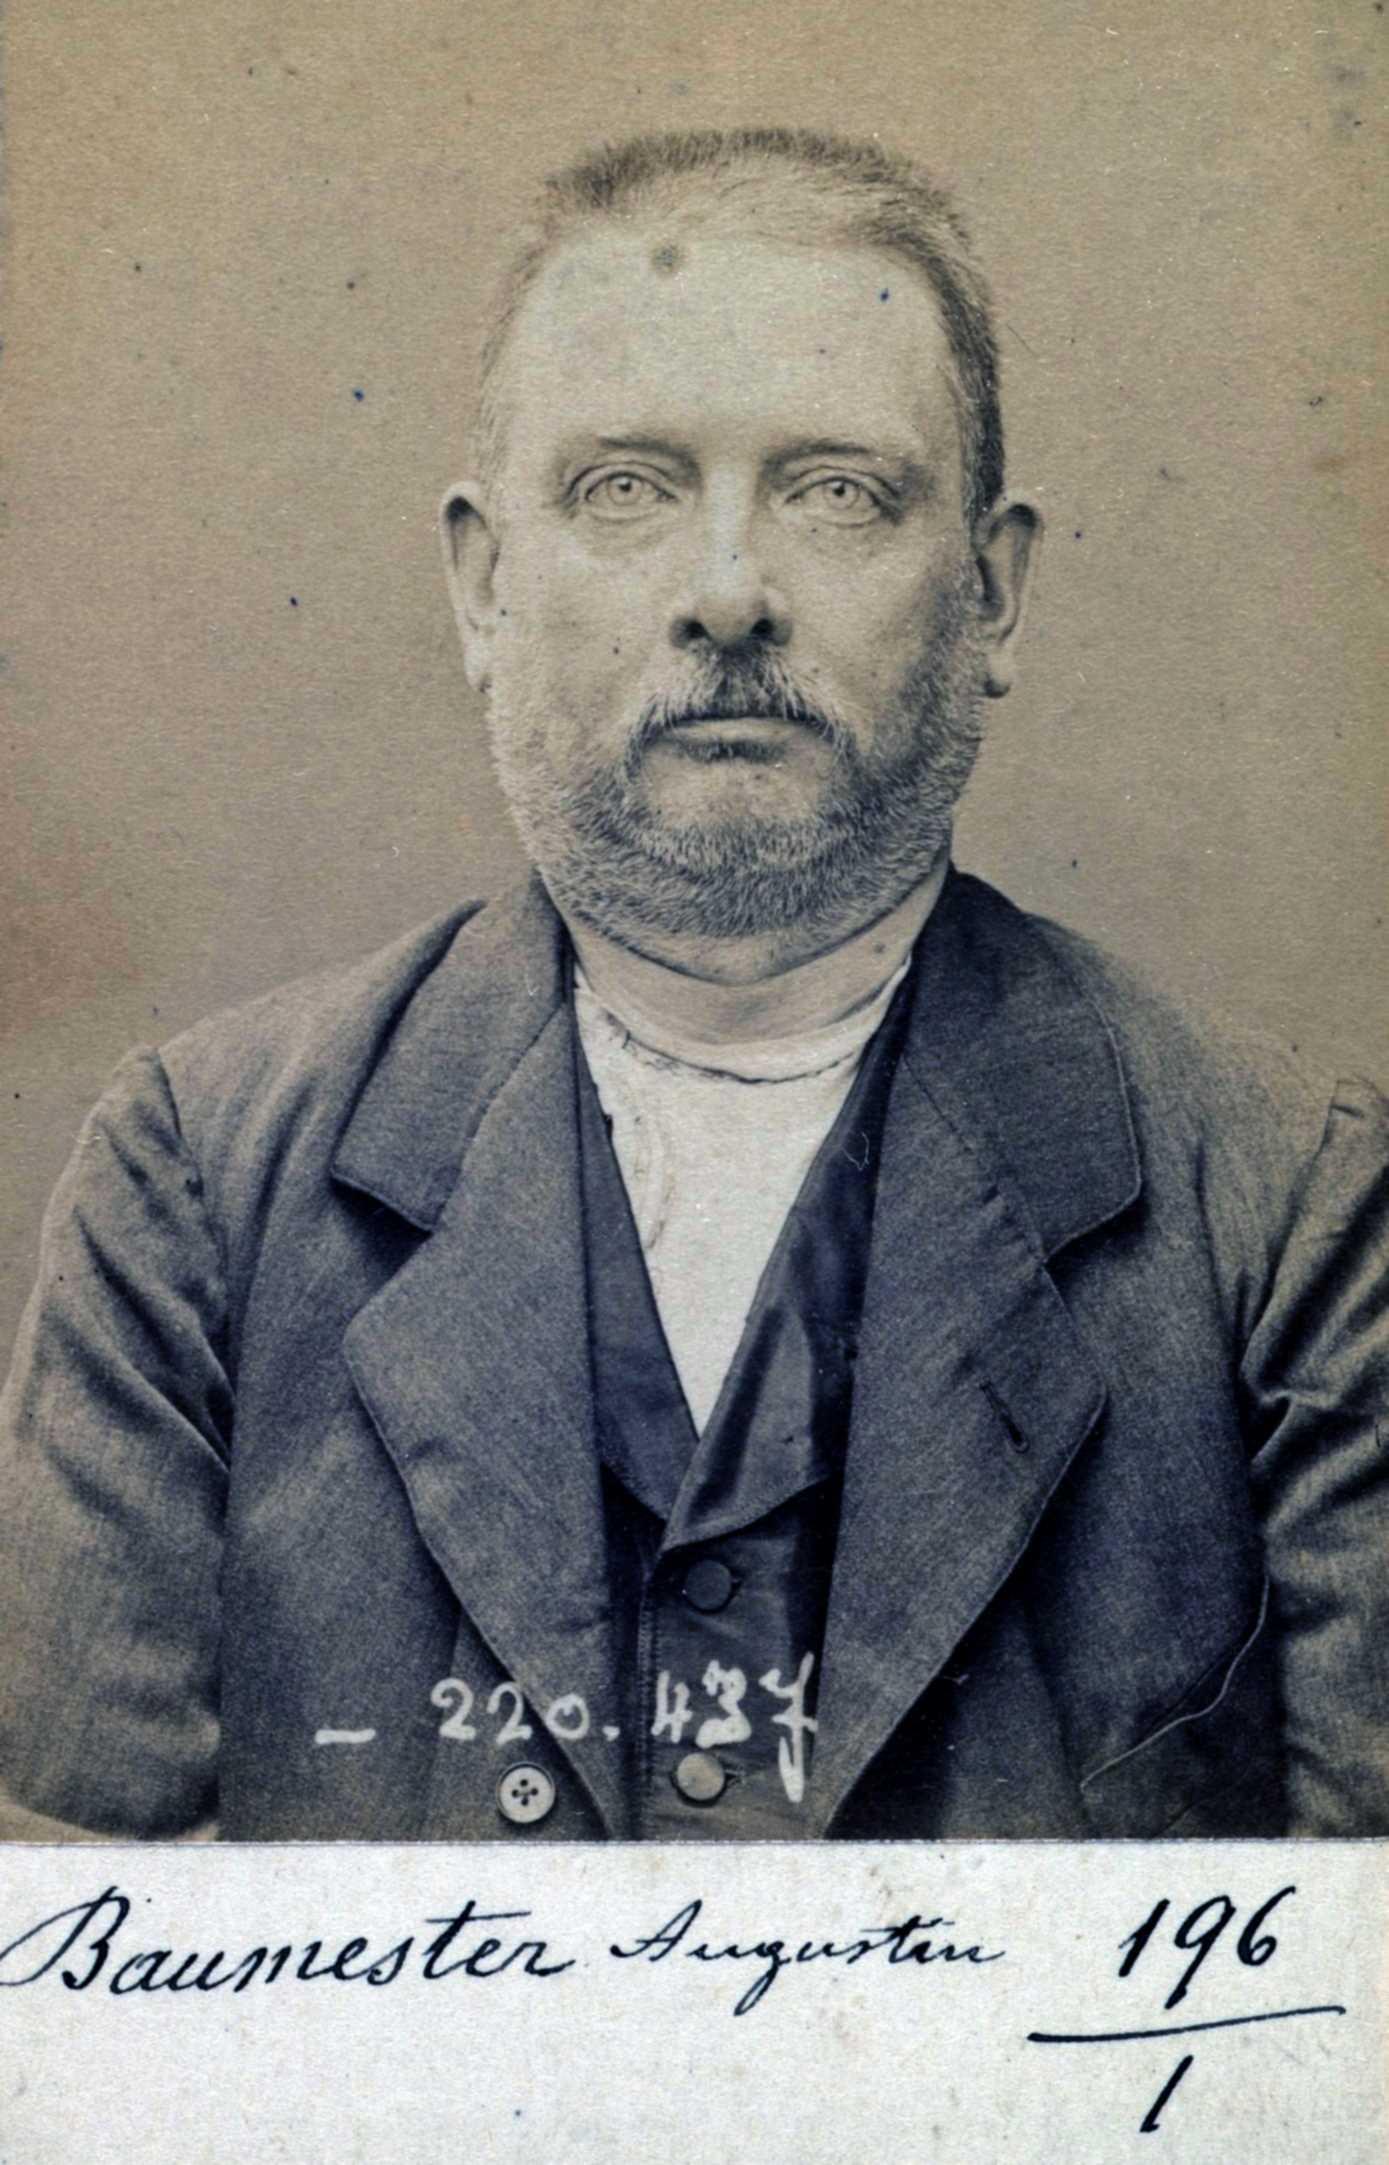 Foto policíaca d'Augustin Baumester (2 de juliol de 1894)